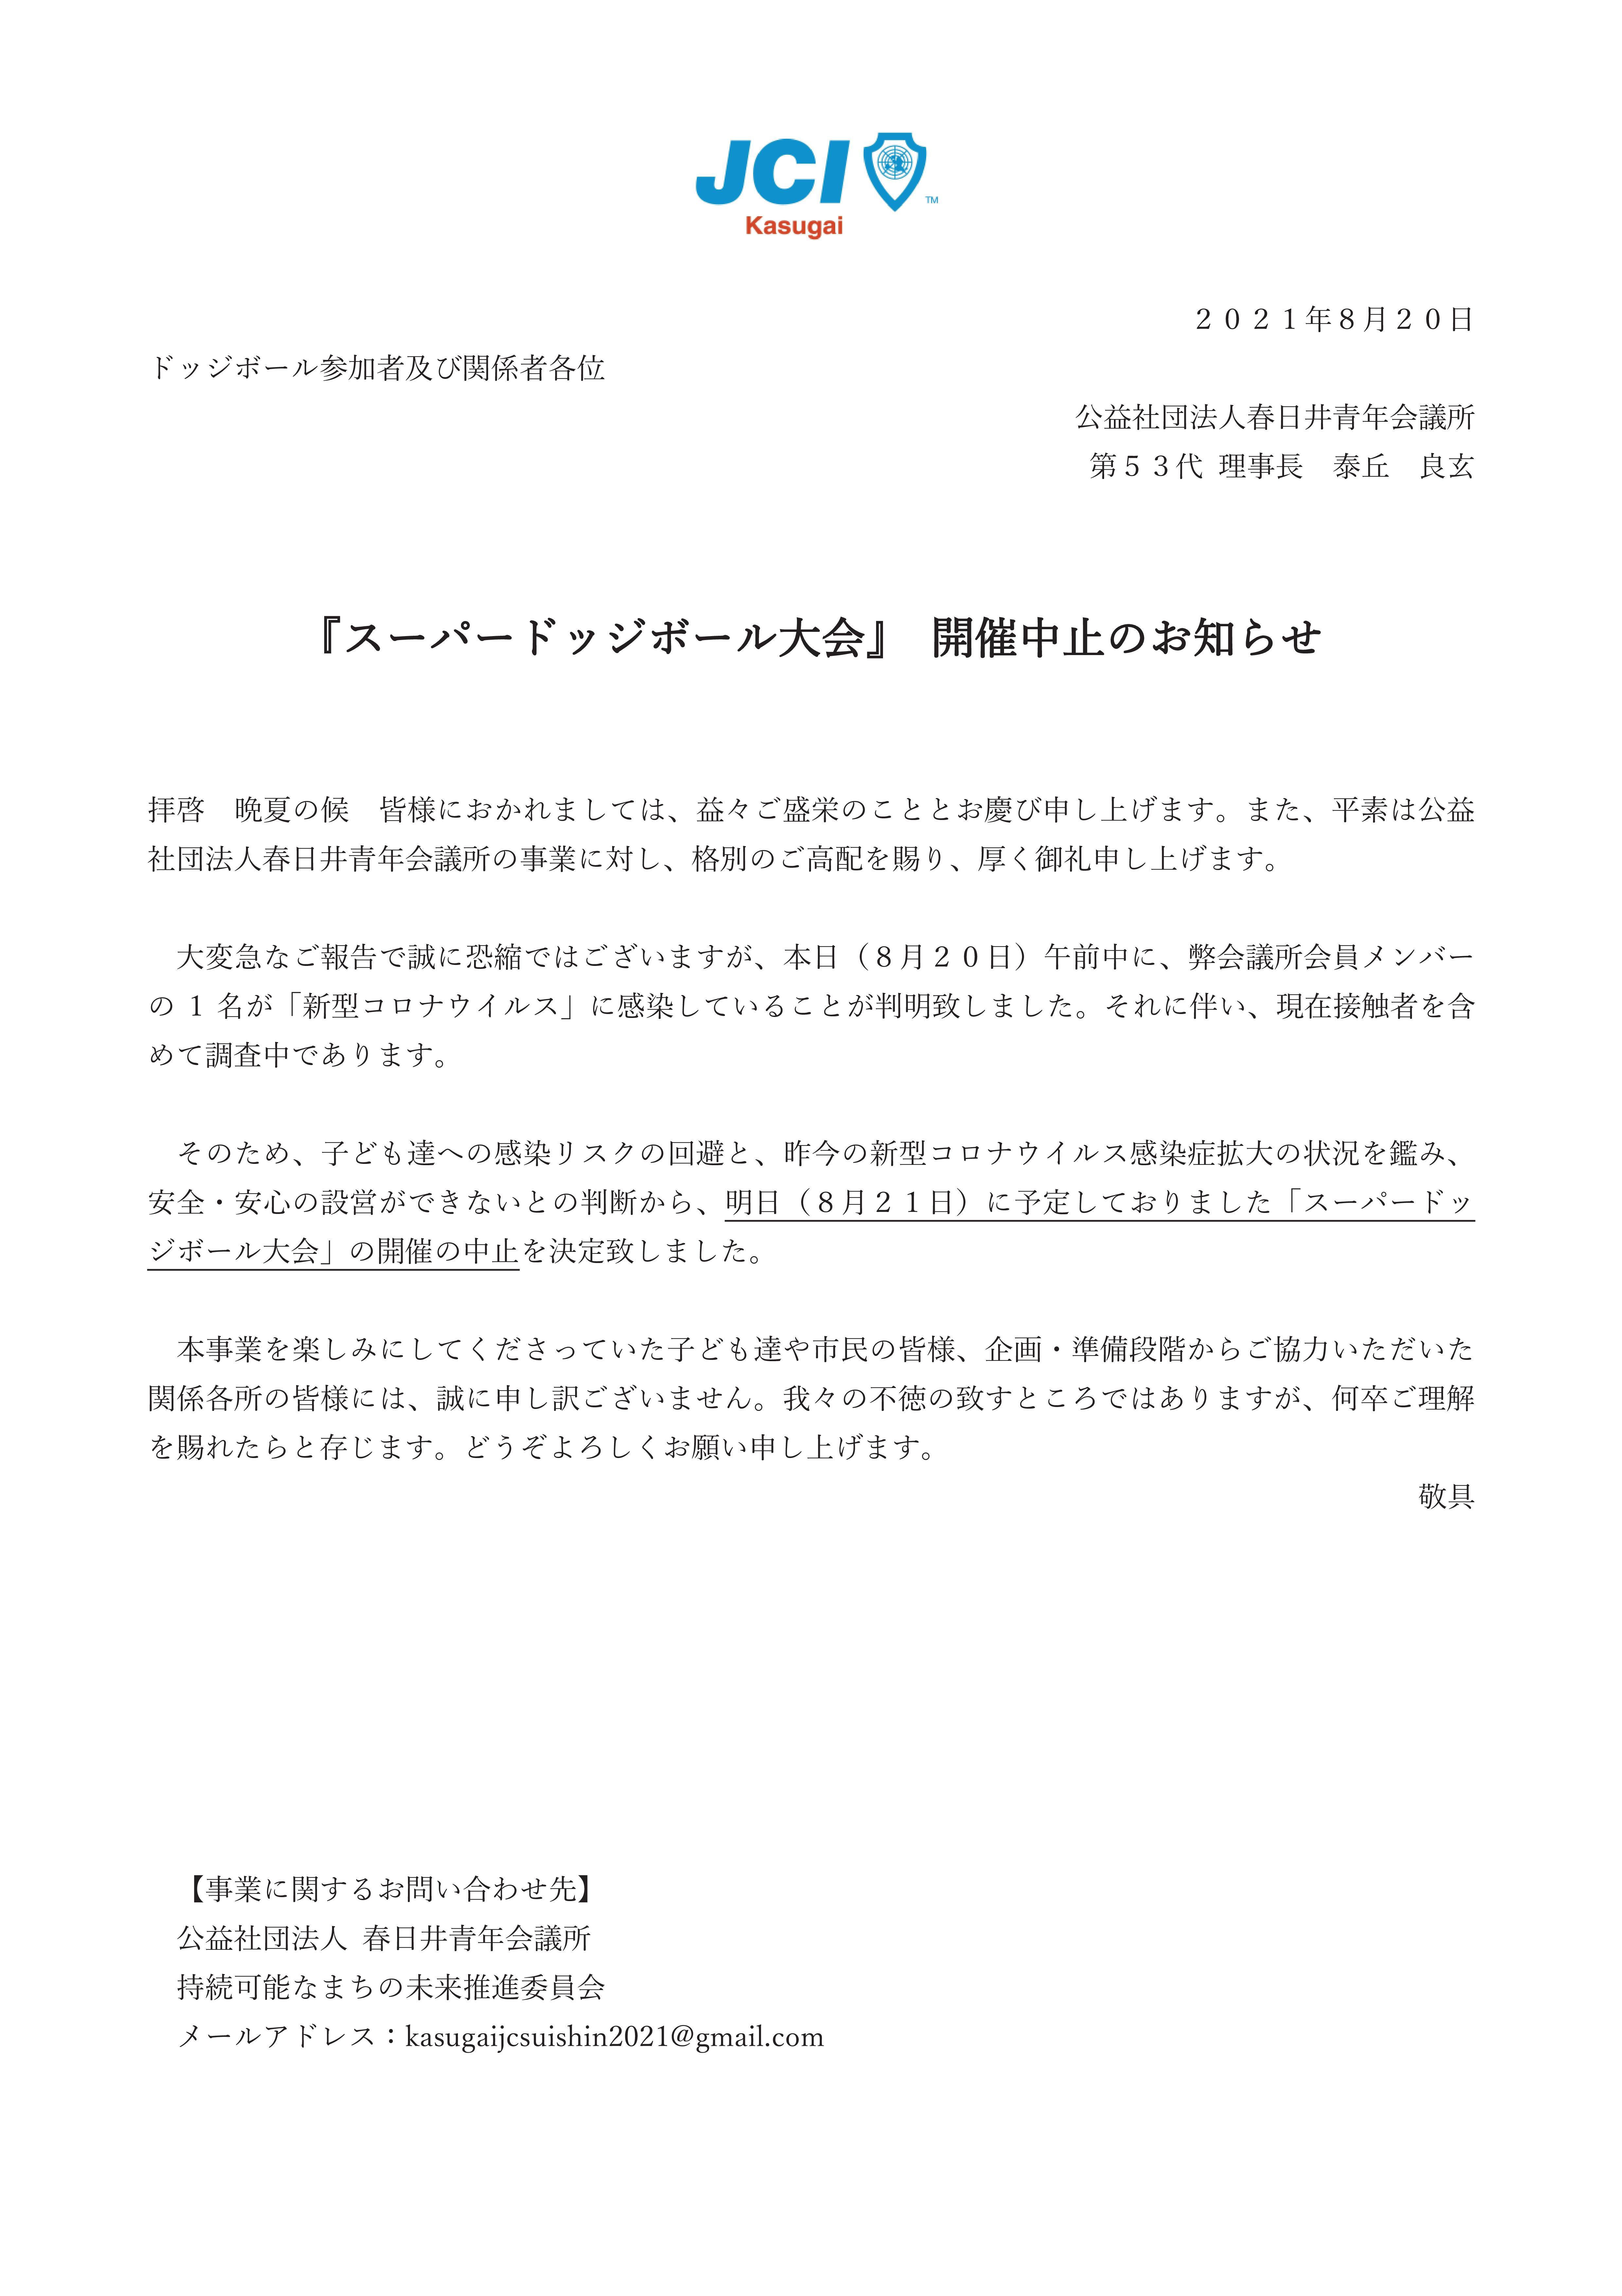 『スーパードッジボール大会』 開催中止のお知らせ